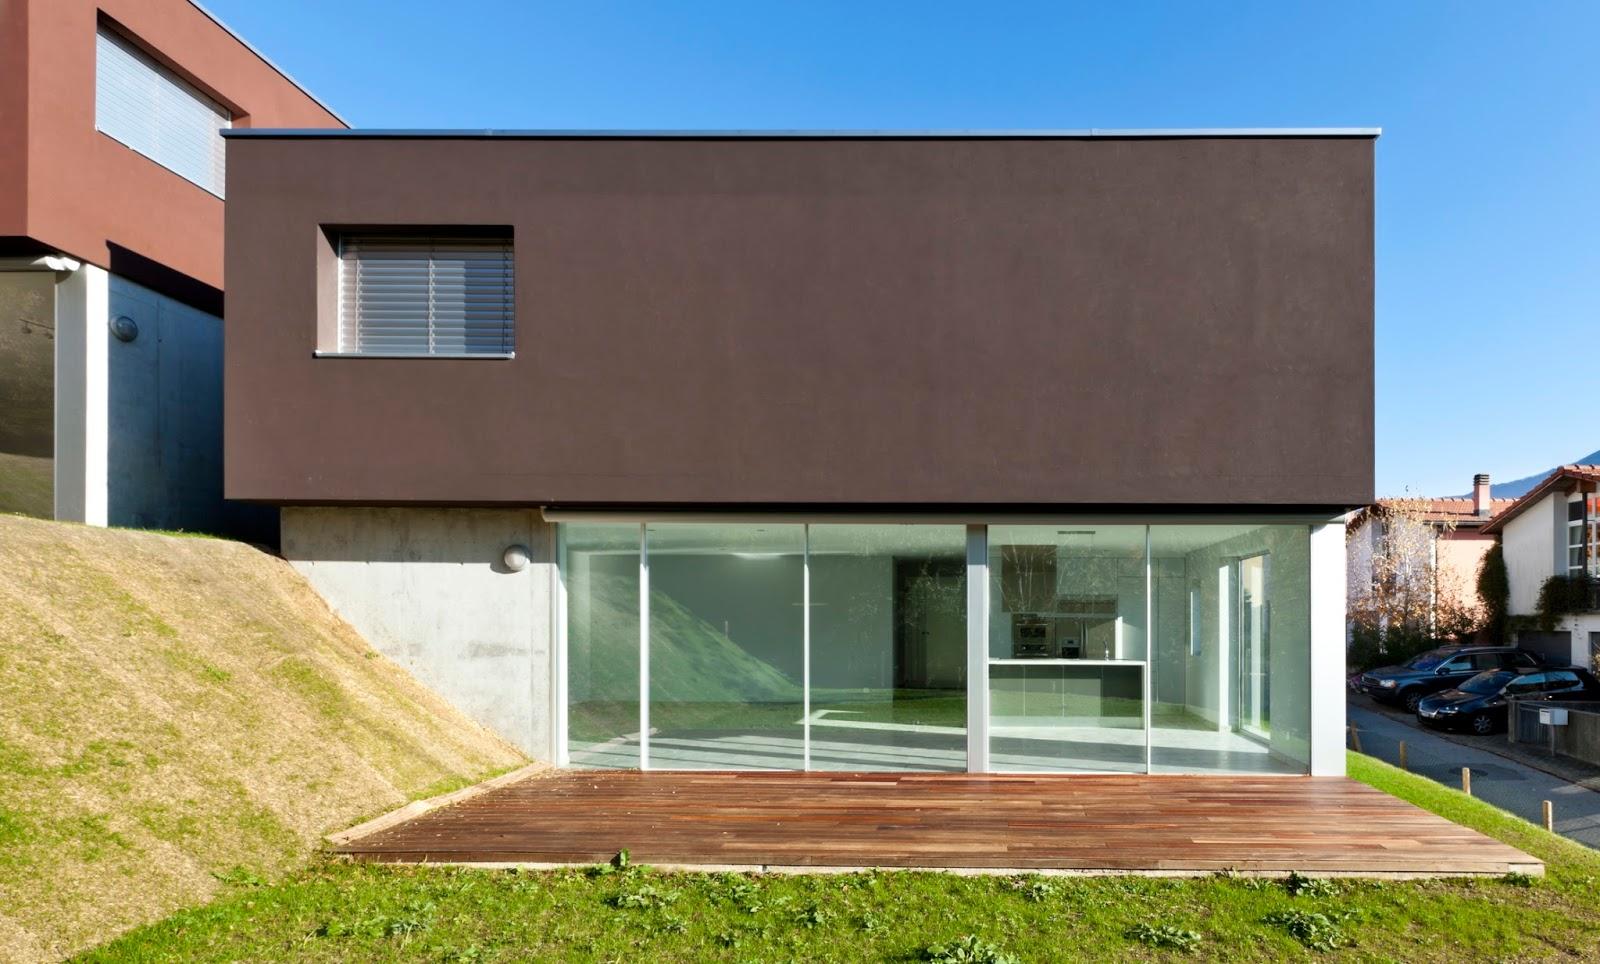 Ver fachadas de casas rusticas fachadas de casas - Fachadas de casas rusticas modernas ...